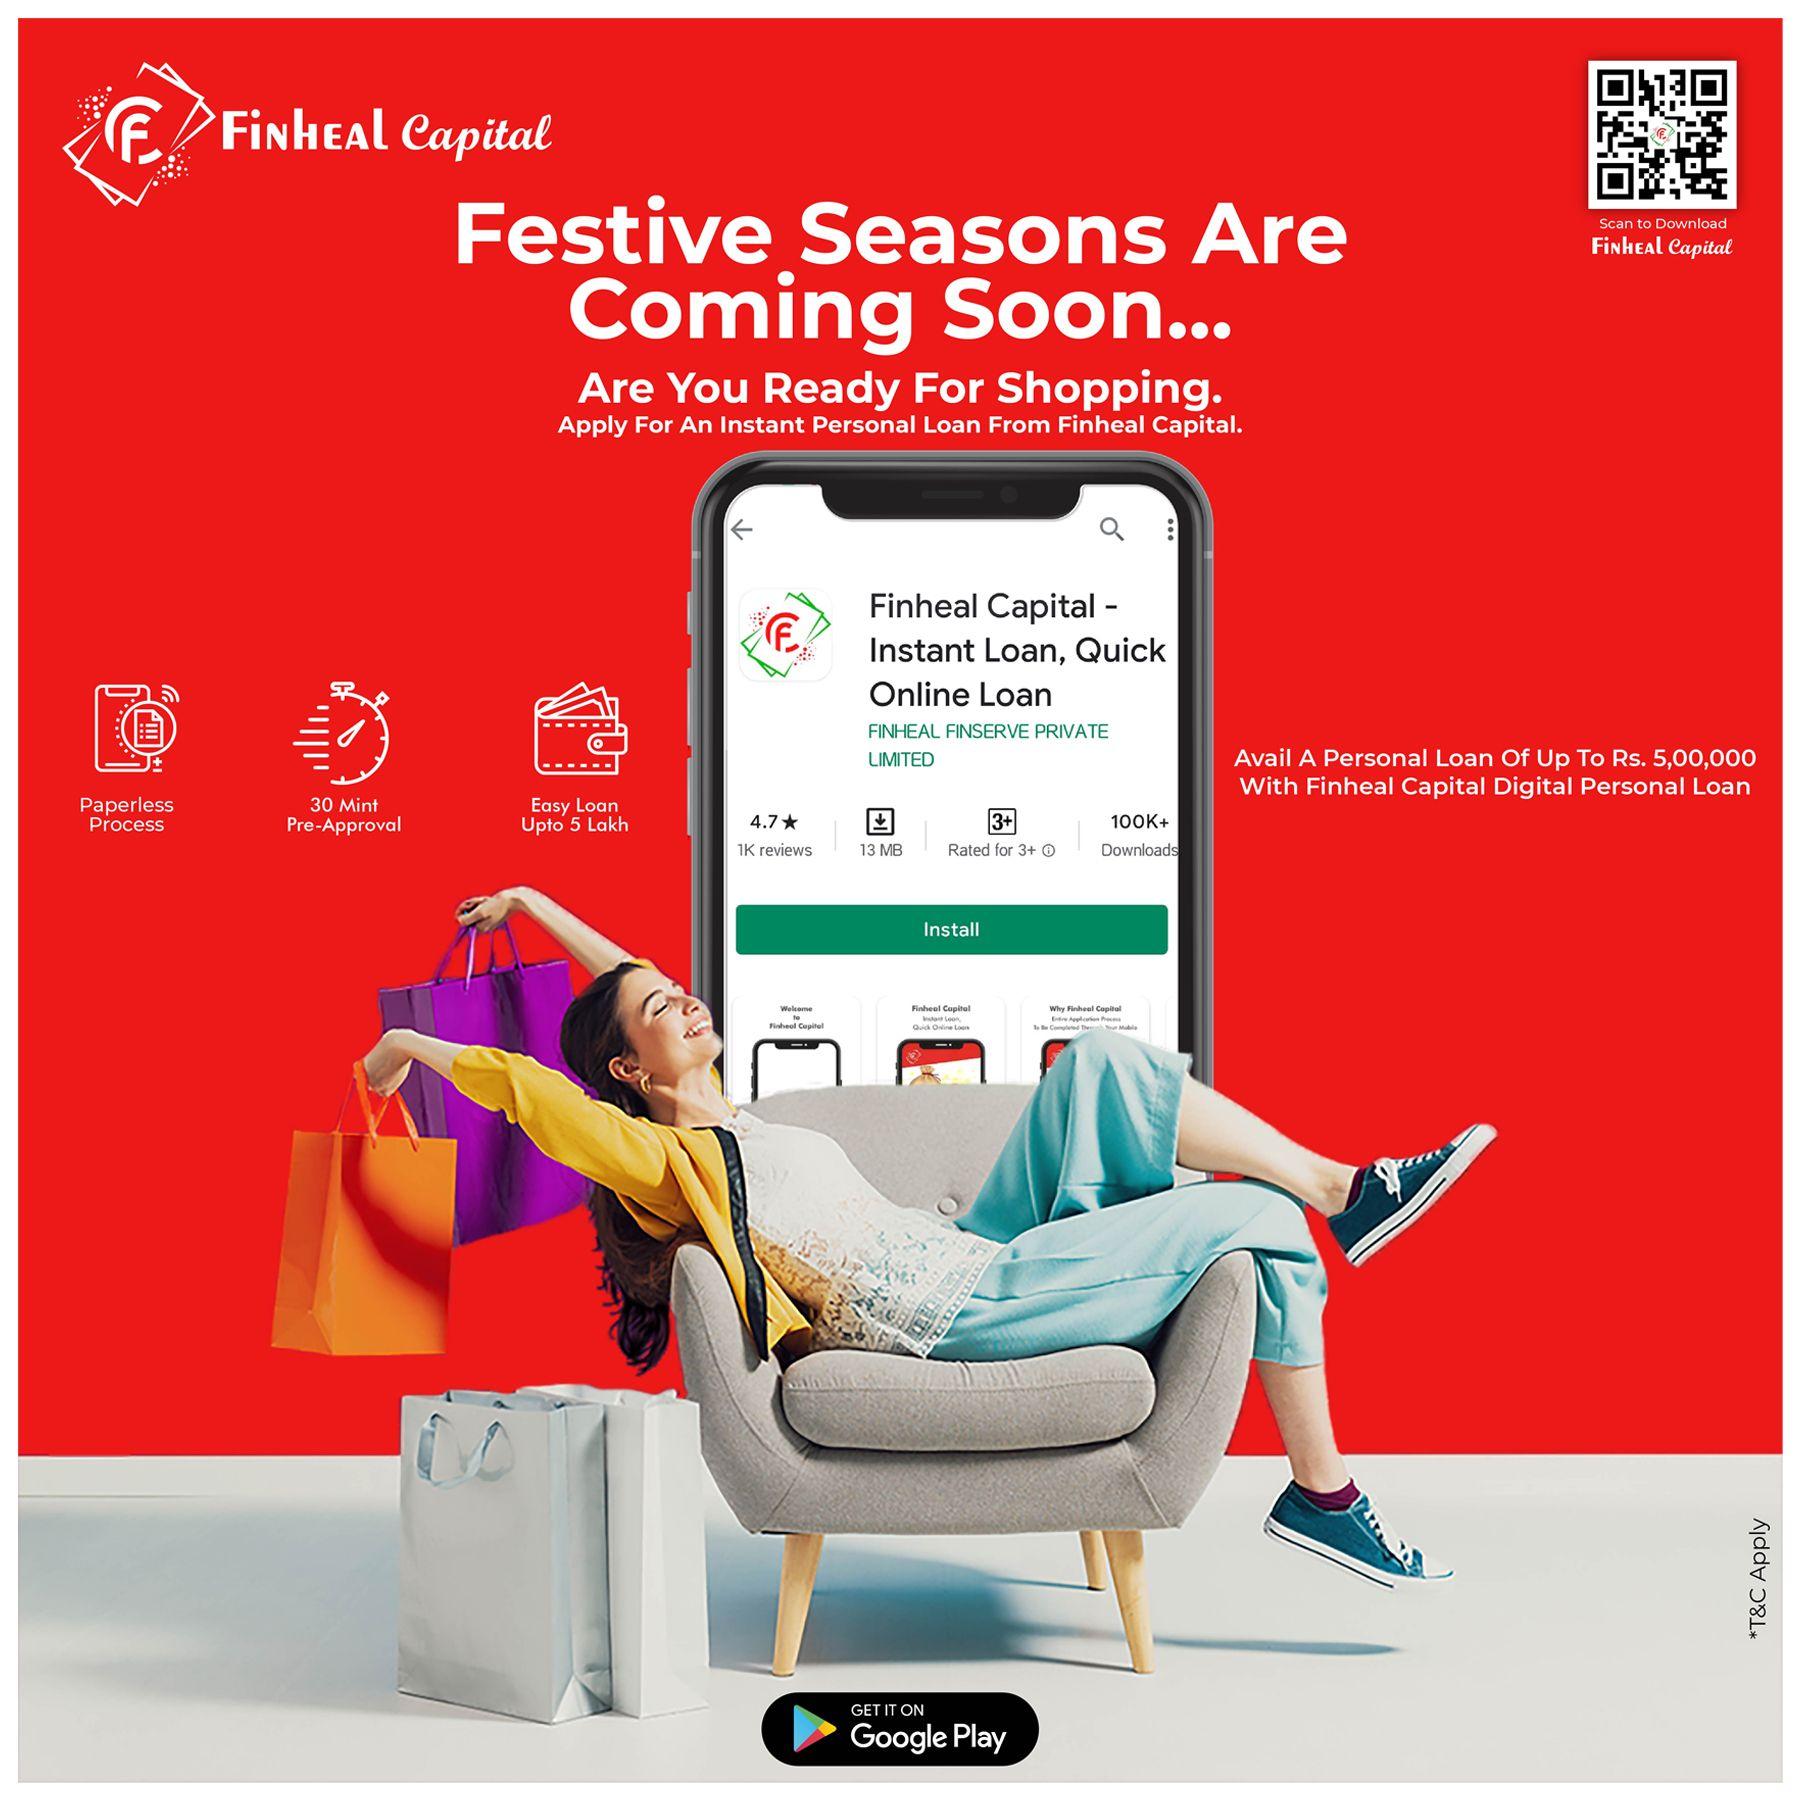 Festival Season Is Coming Soon Celebrate Your Festival With Finehal Capital Loan In 2020 Instant Loans Online Loans Personal Loans